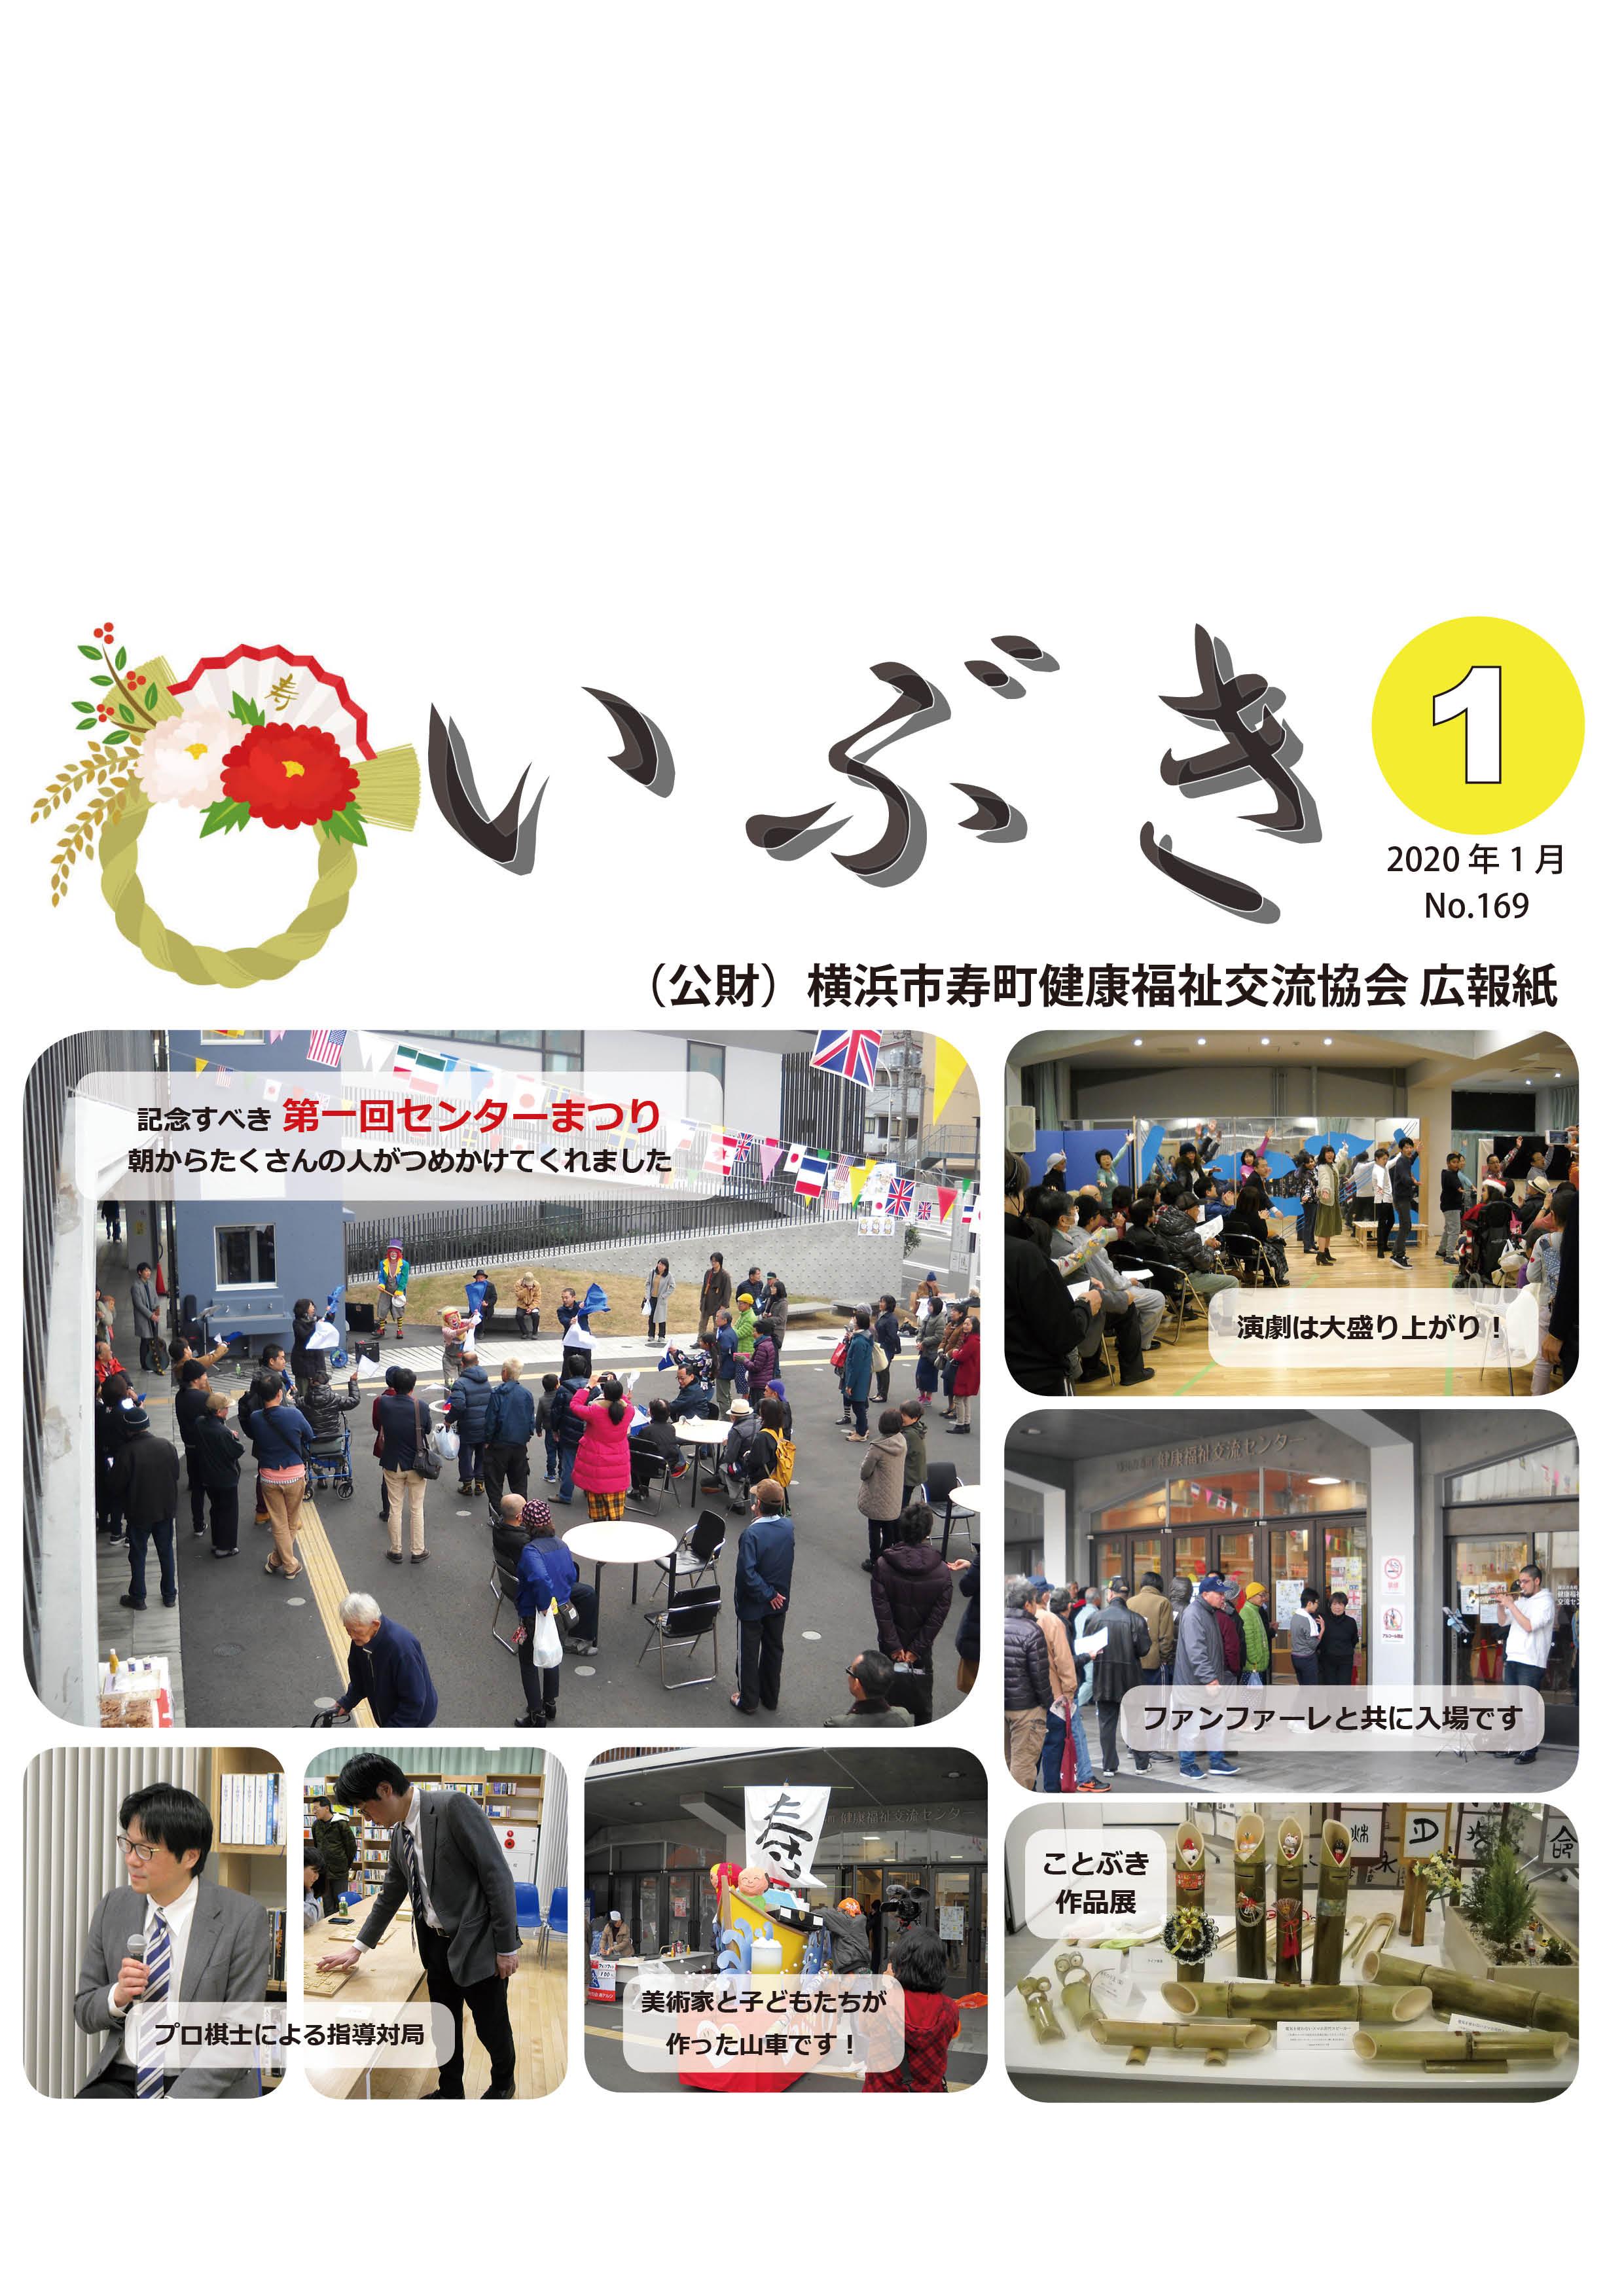 広報紙いぶき2020年1月号(No.169)